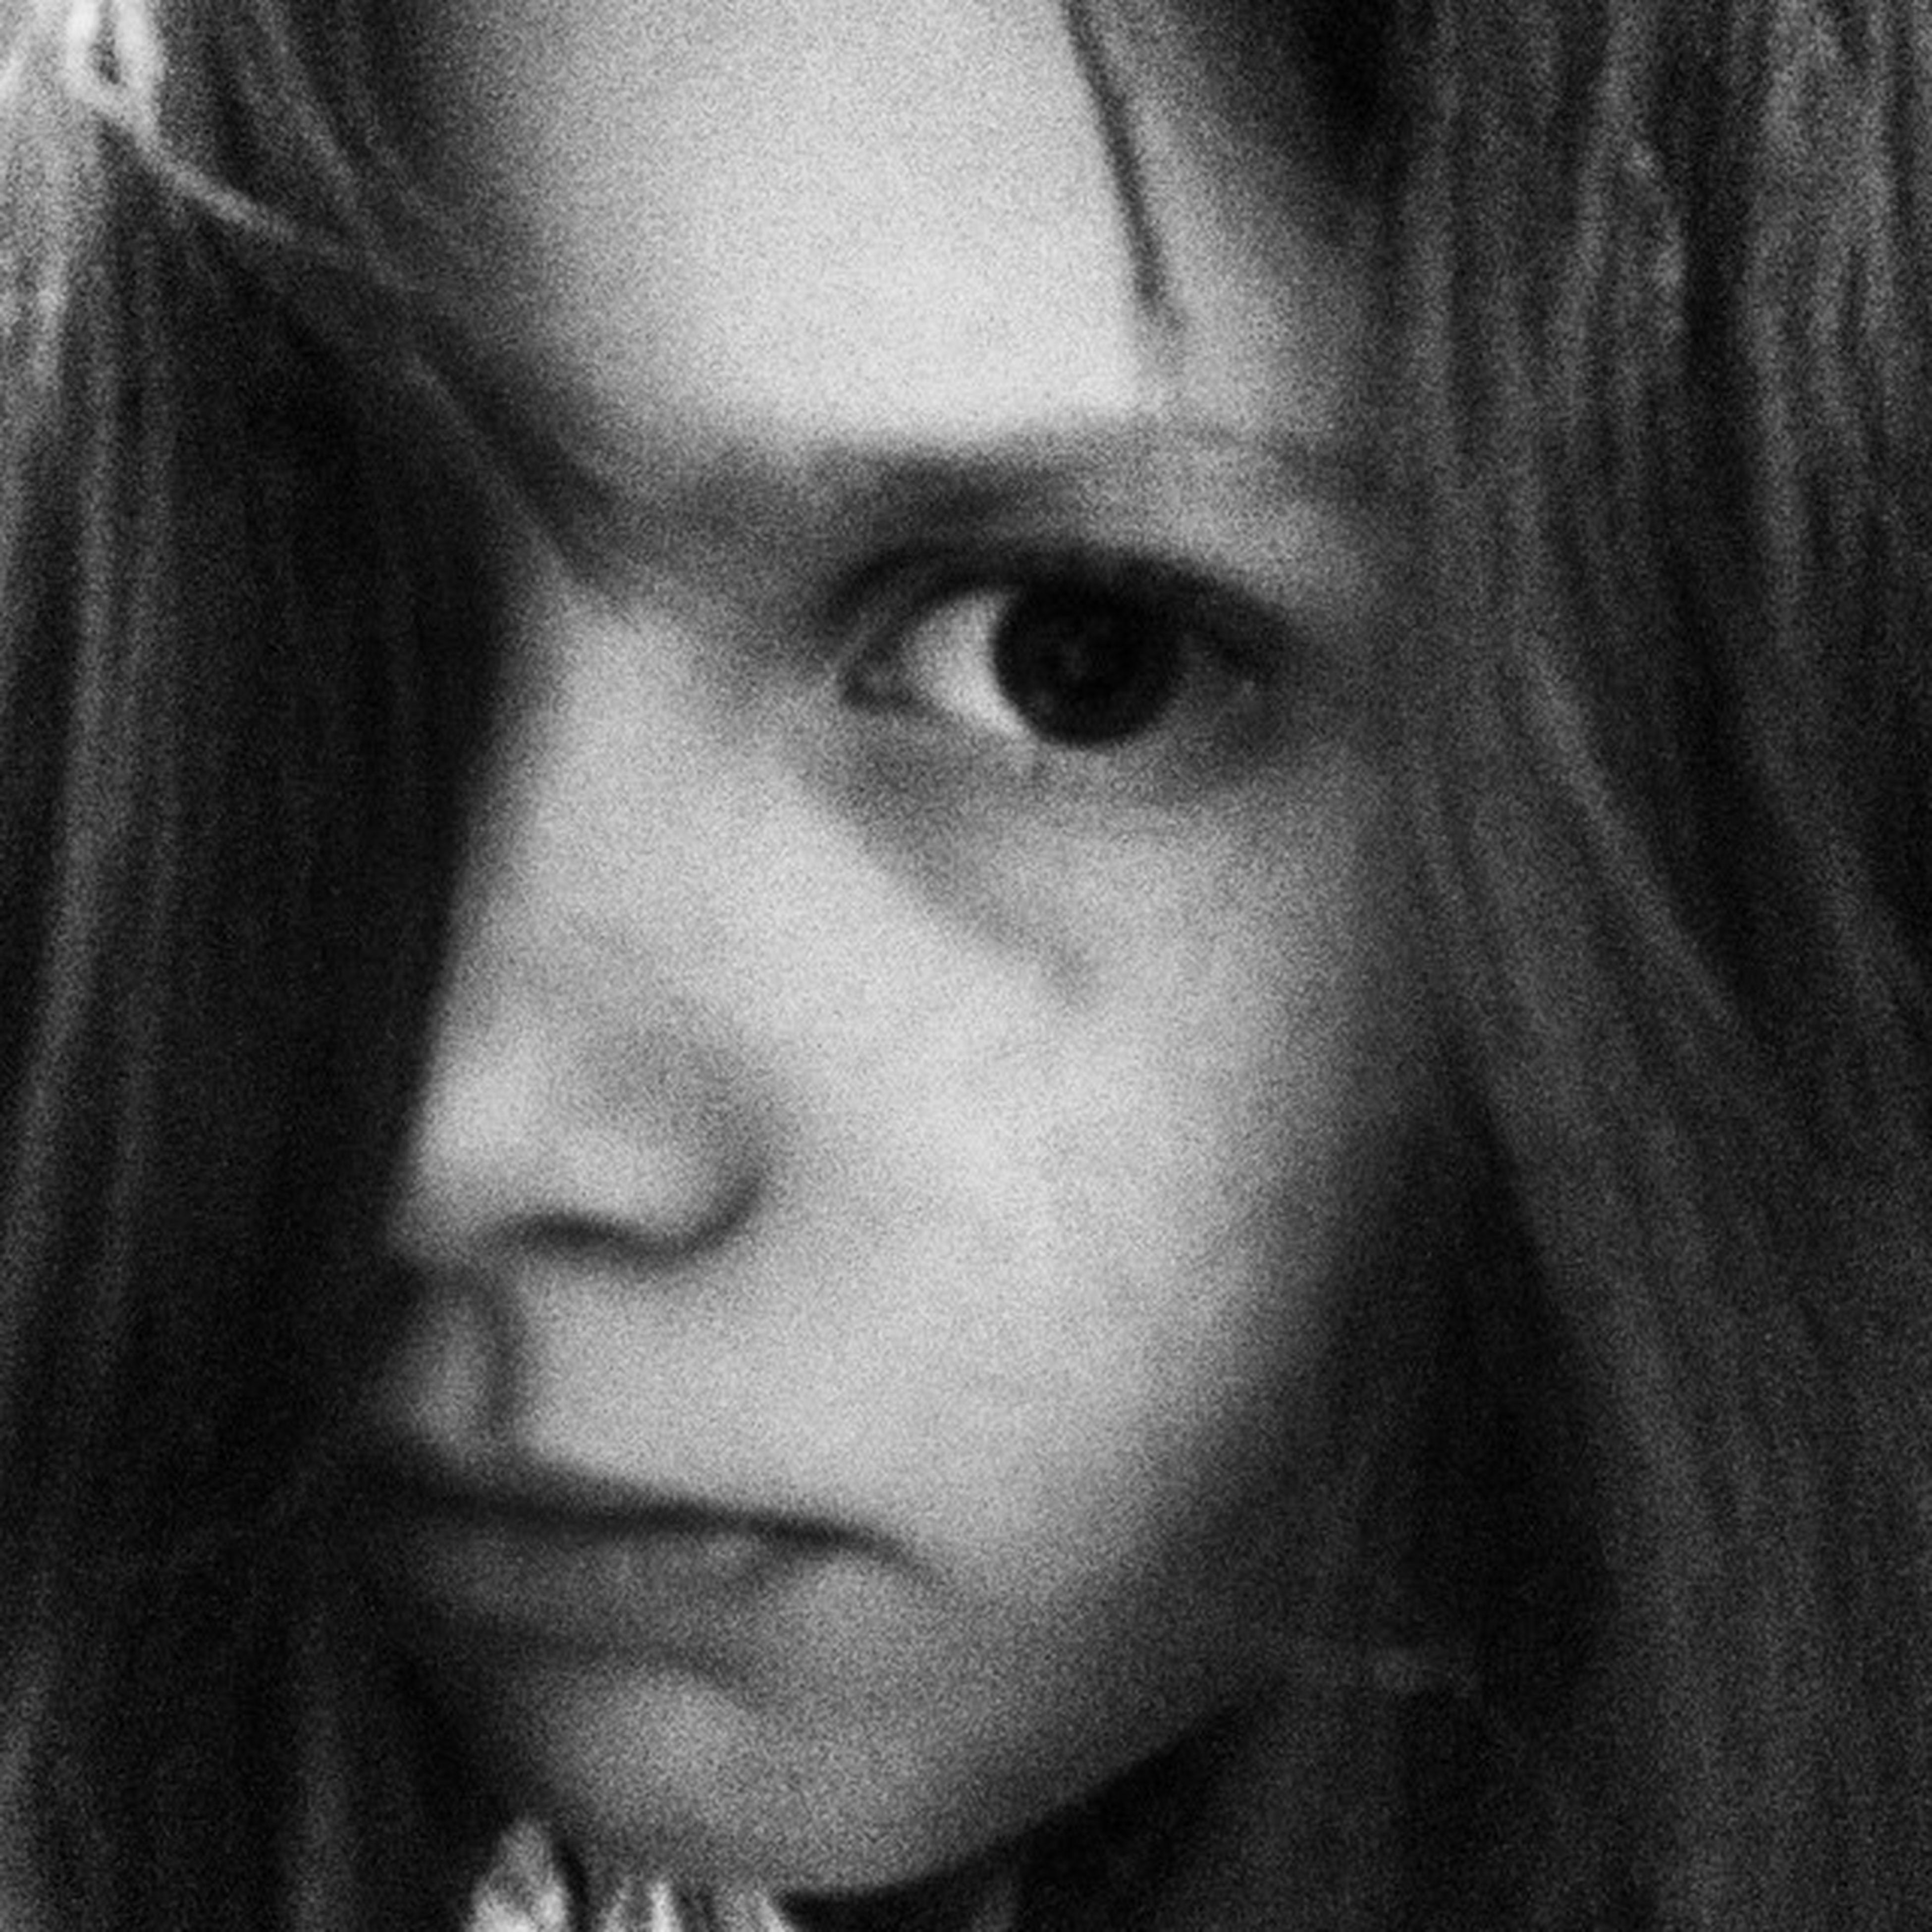 Blackandwhite Portrait Ilovemydaughter Pericoloscampato Occhiokiller Uffamamma